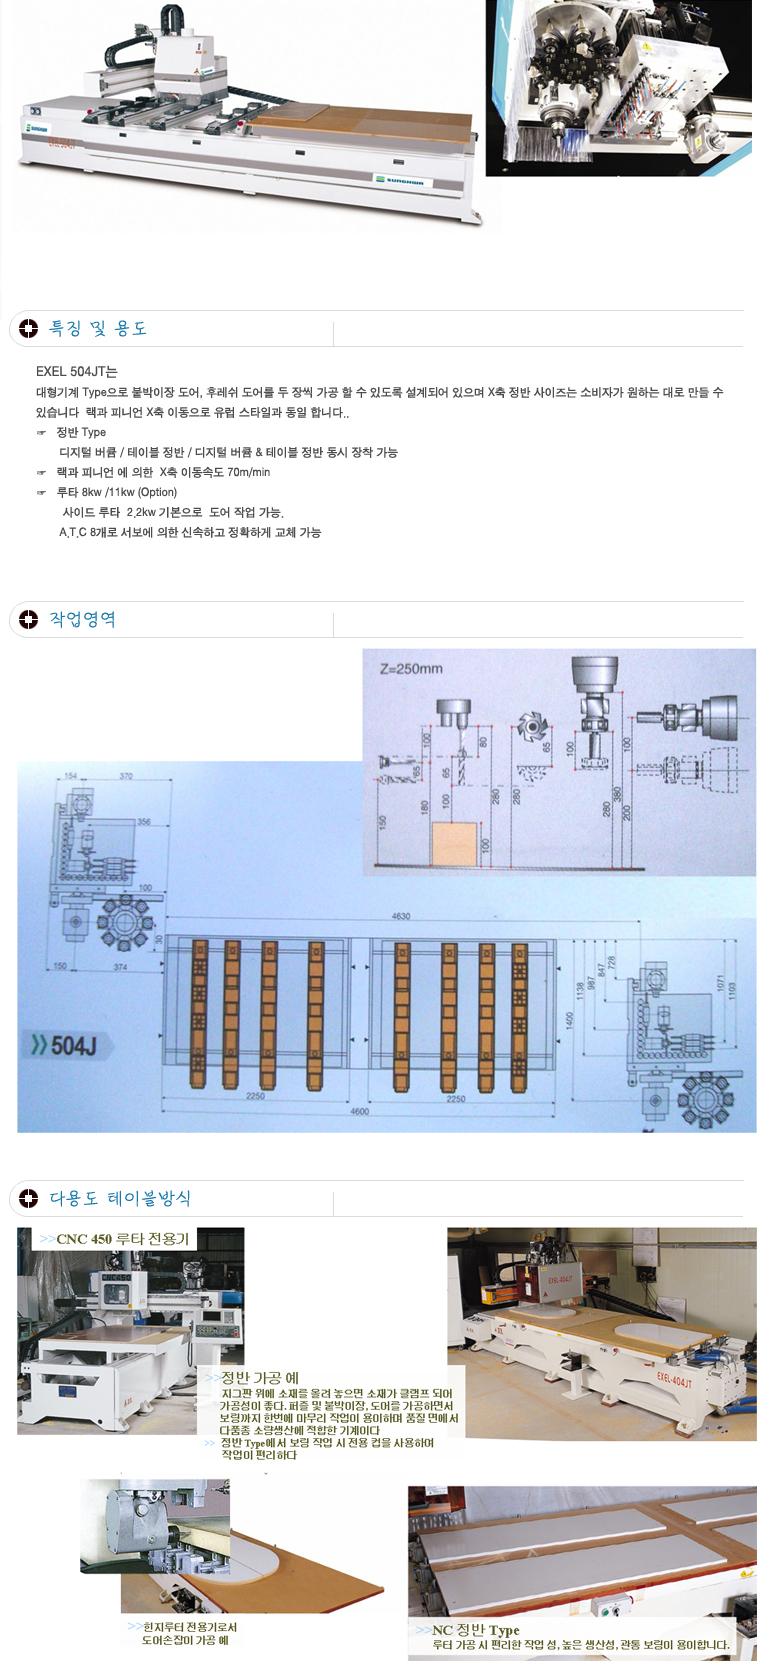 (주)성화우드라인 포인트보링기 EXEL-504JT